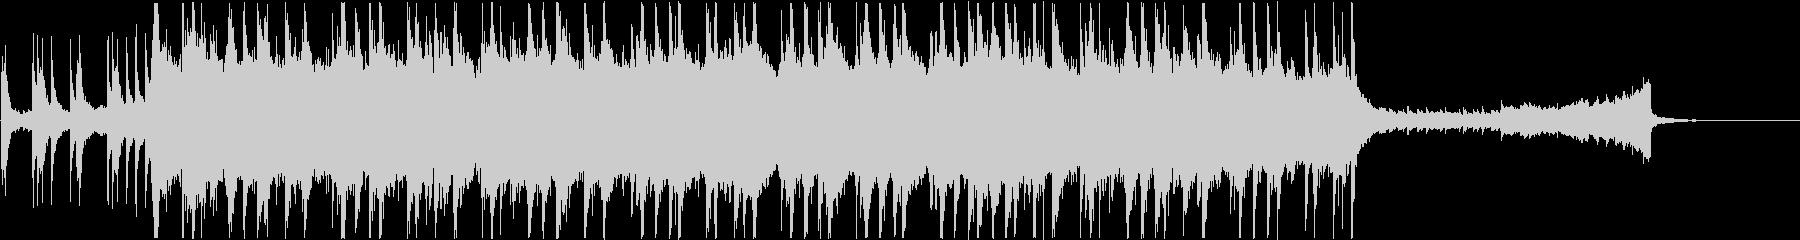 Fanfareの未再生の波形